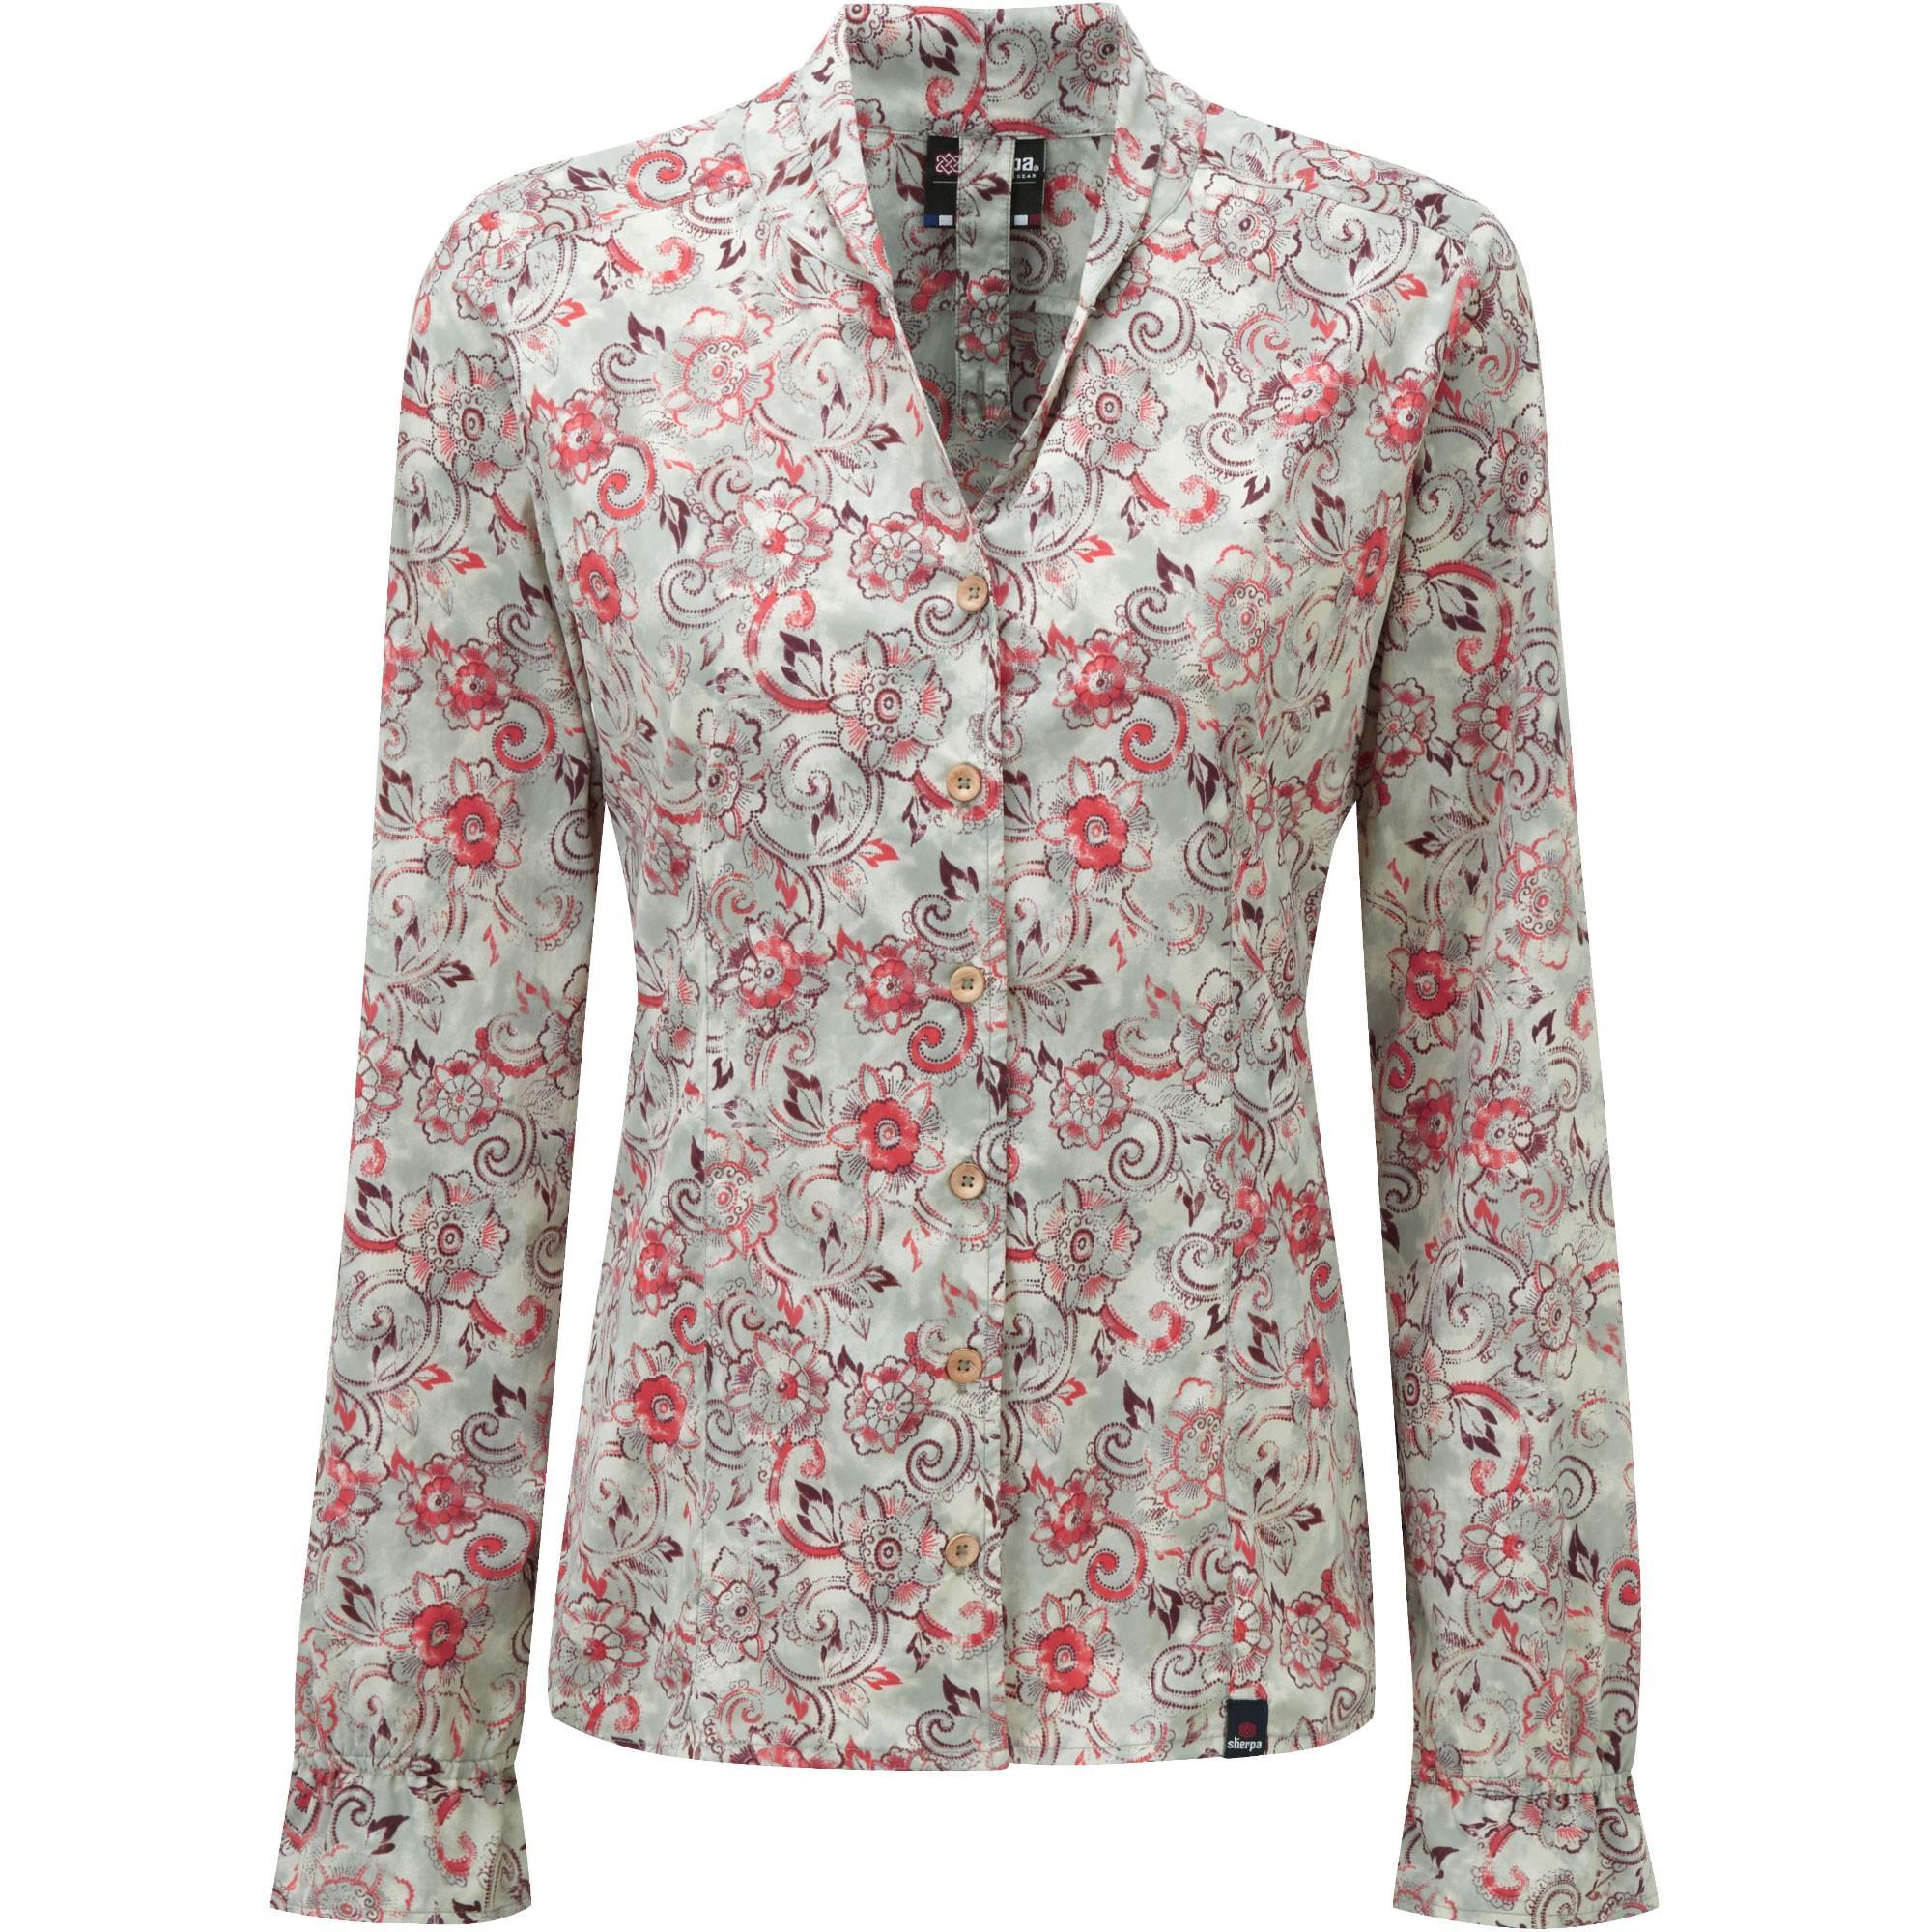 SHERPA - Minzi Women's Long Sleeve Shirt